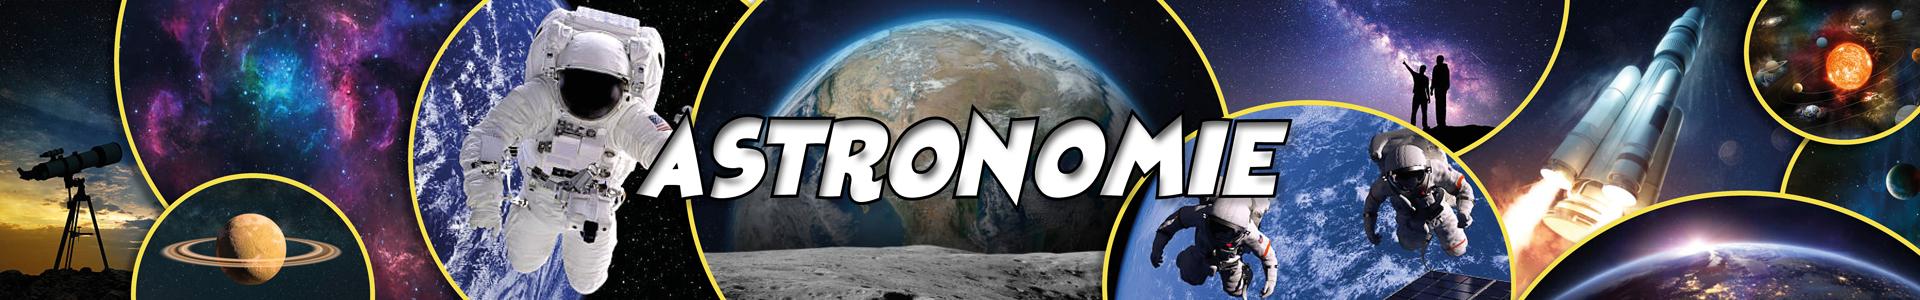 Banniere_Astronomie_Evolusciences_noir